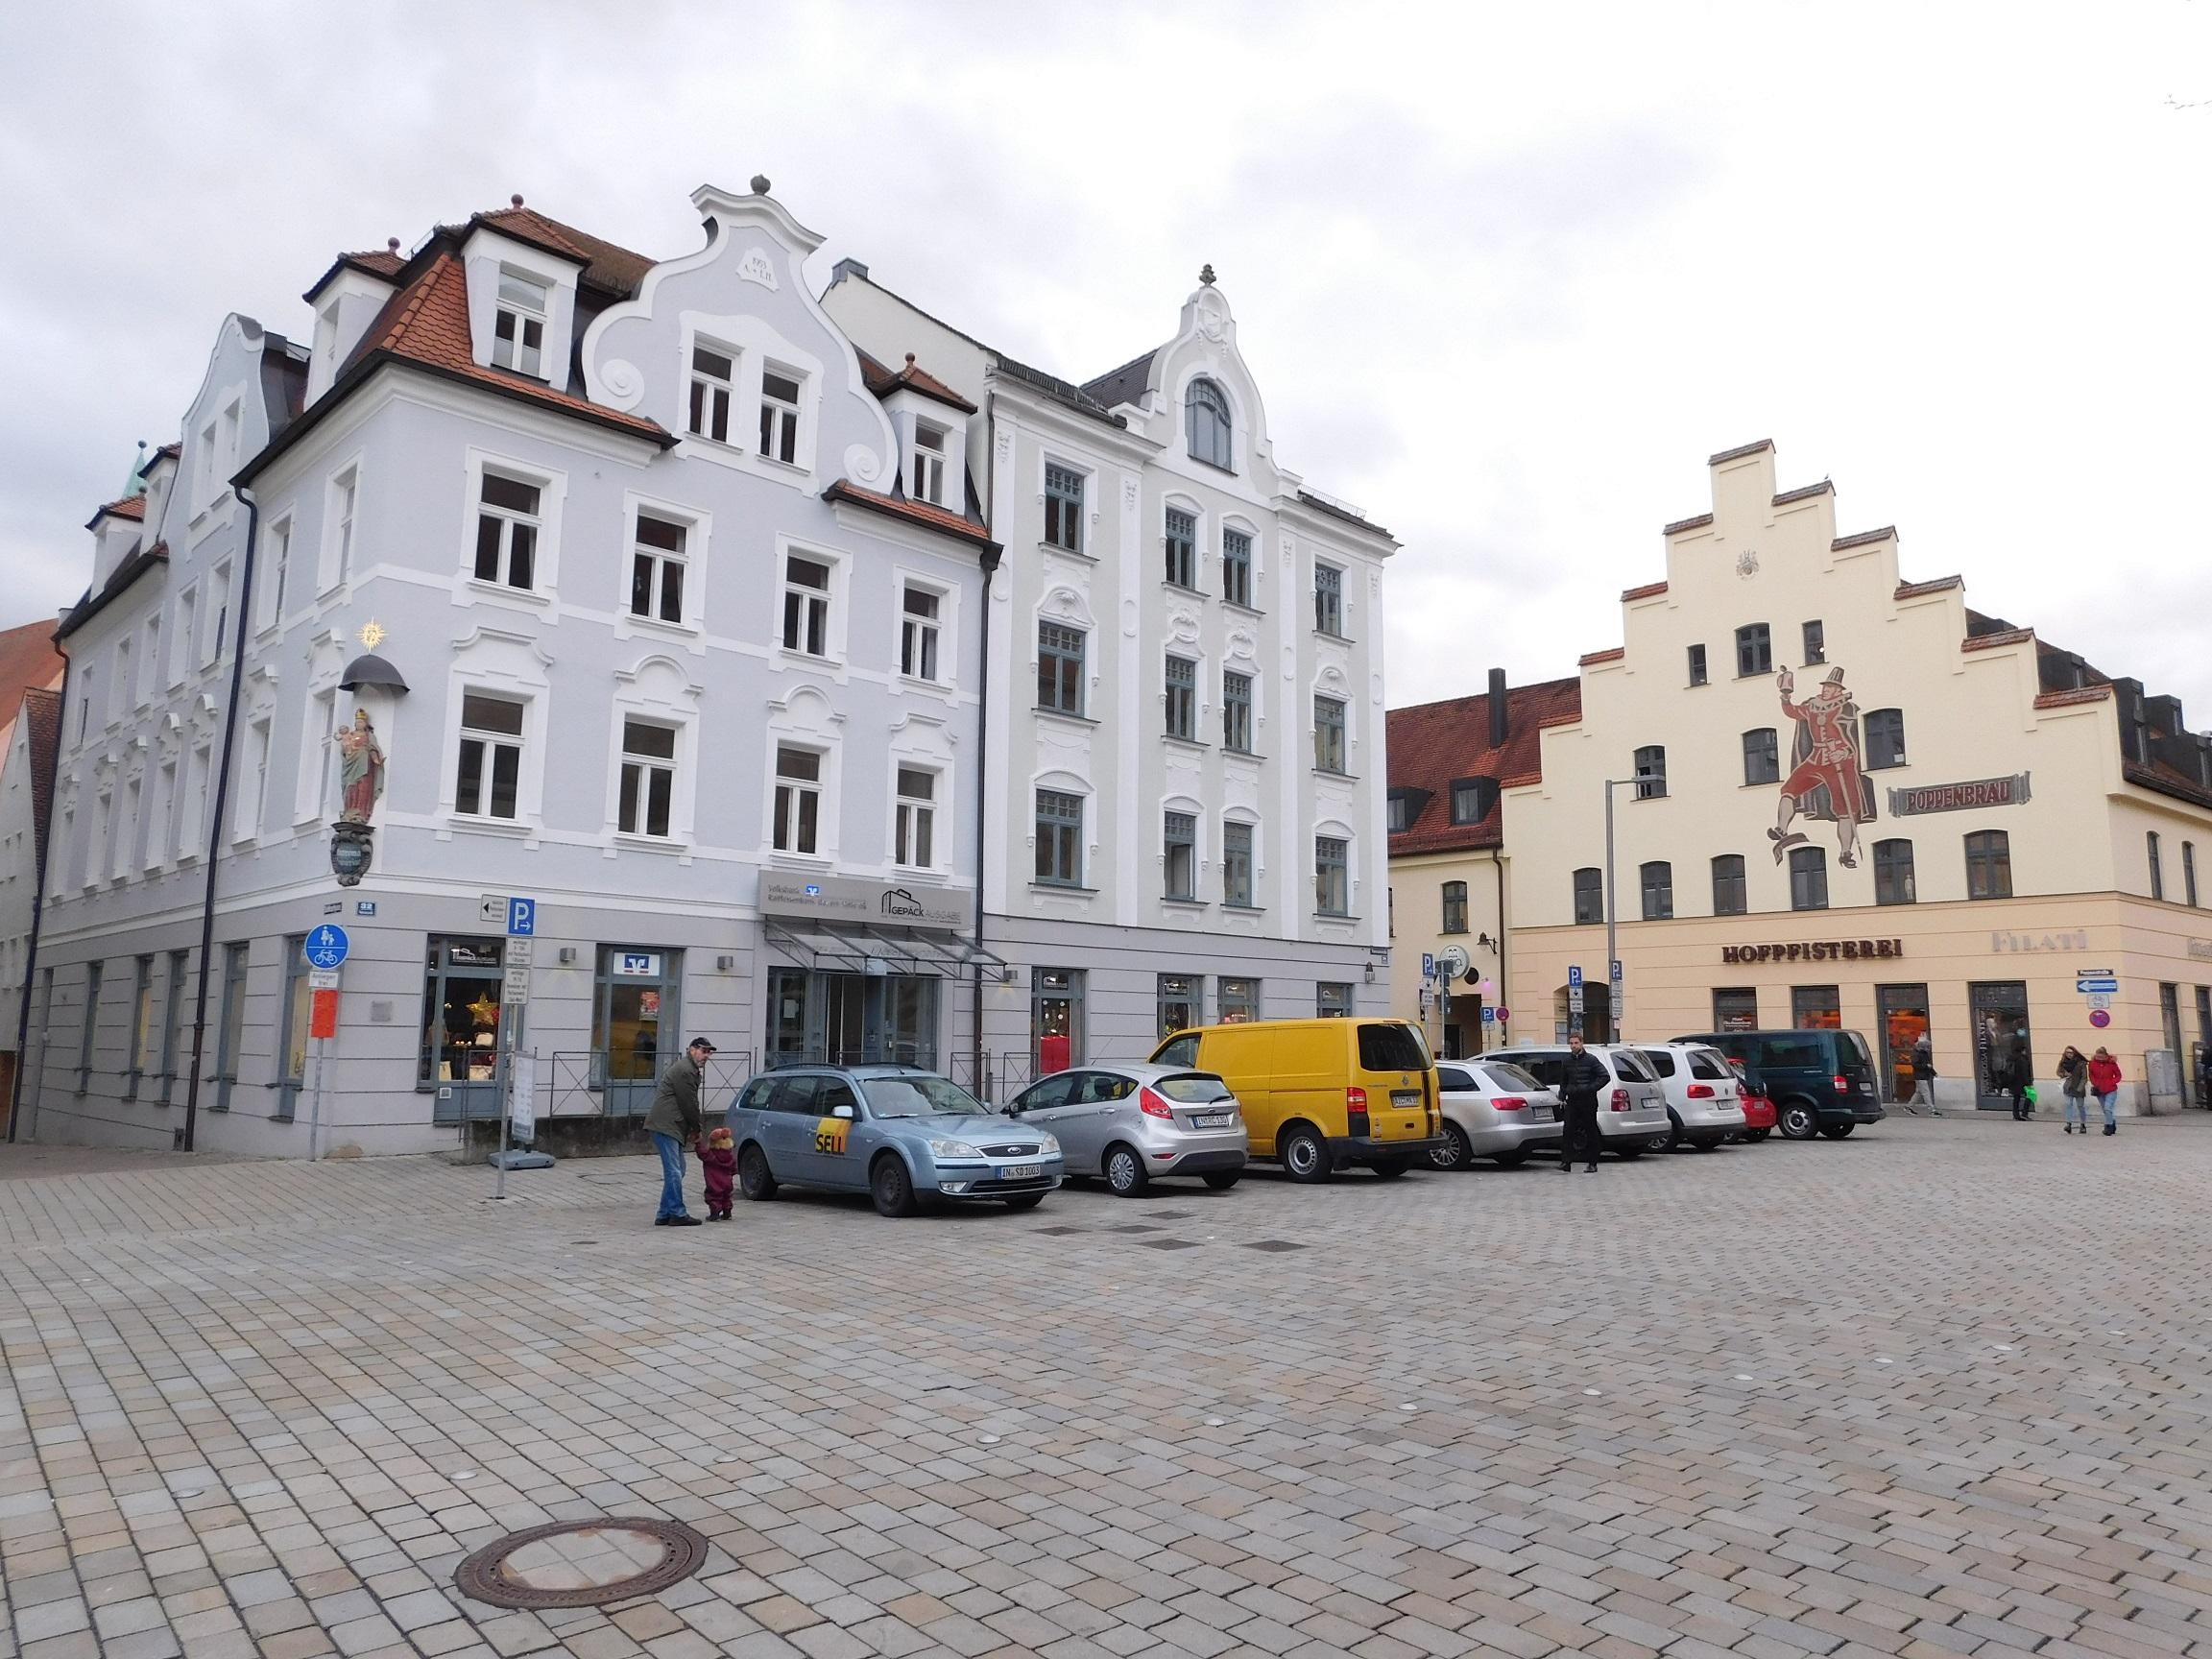 Ingolstadt29